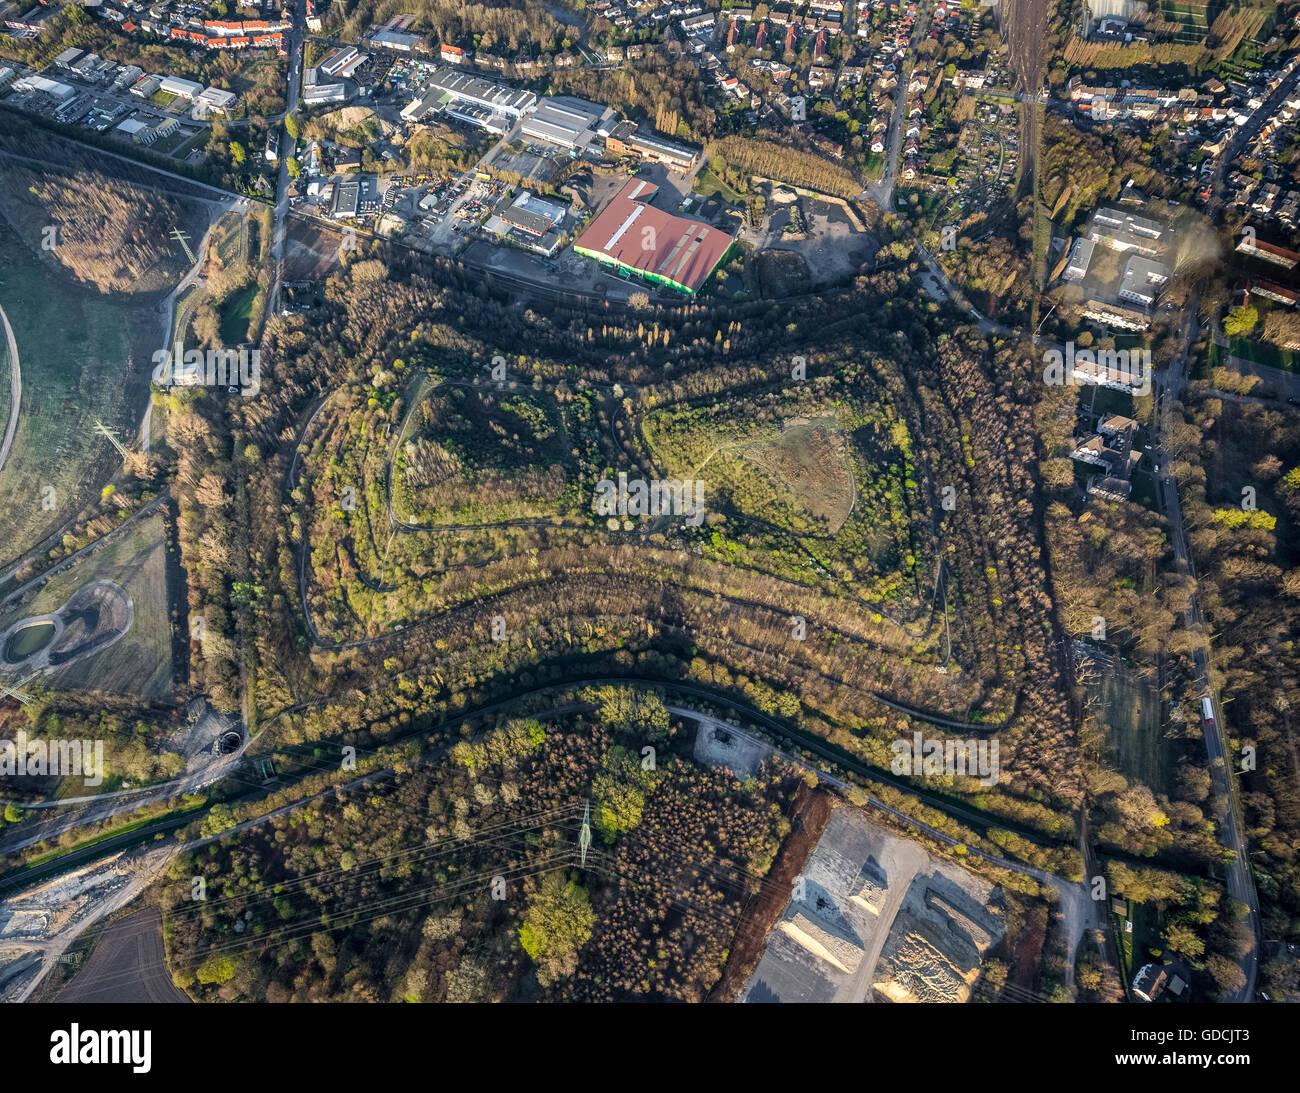 Luftaufnahme, Müllkippe in Form von Spektakel Brille, Brauck, Gladbeck, Ruhrgebiet, Nordrhein-Westfalen, Deutschland, Stockfoto